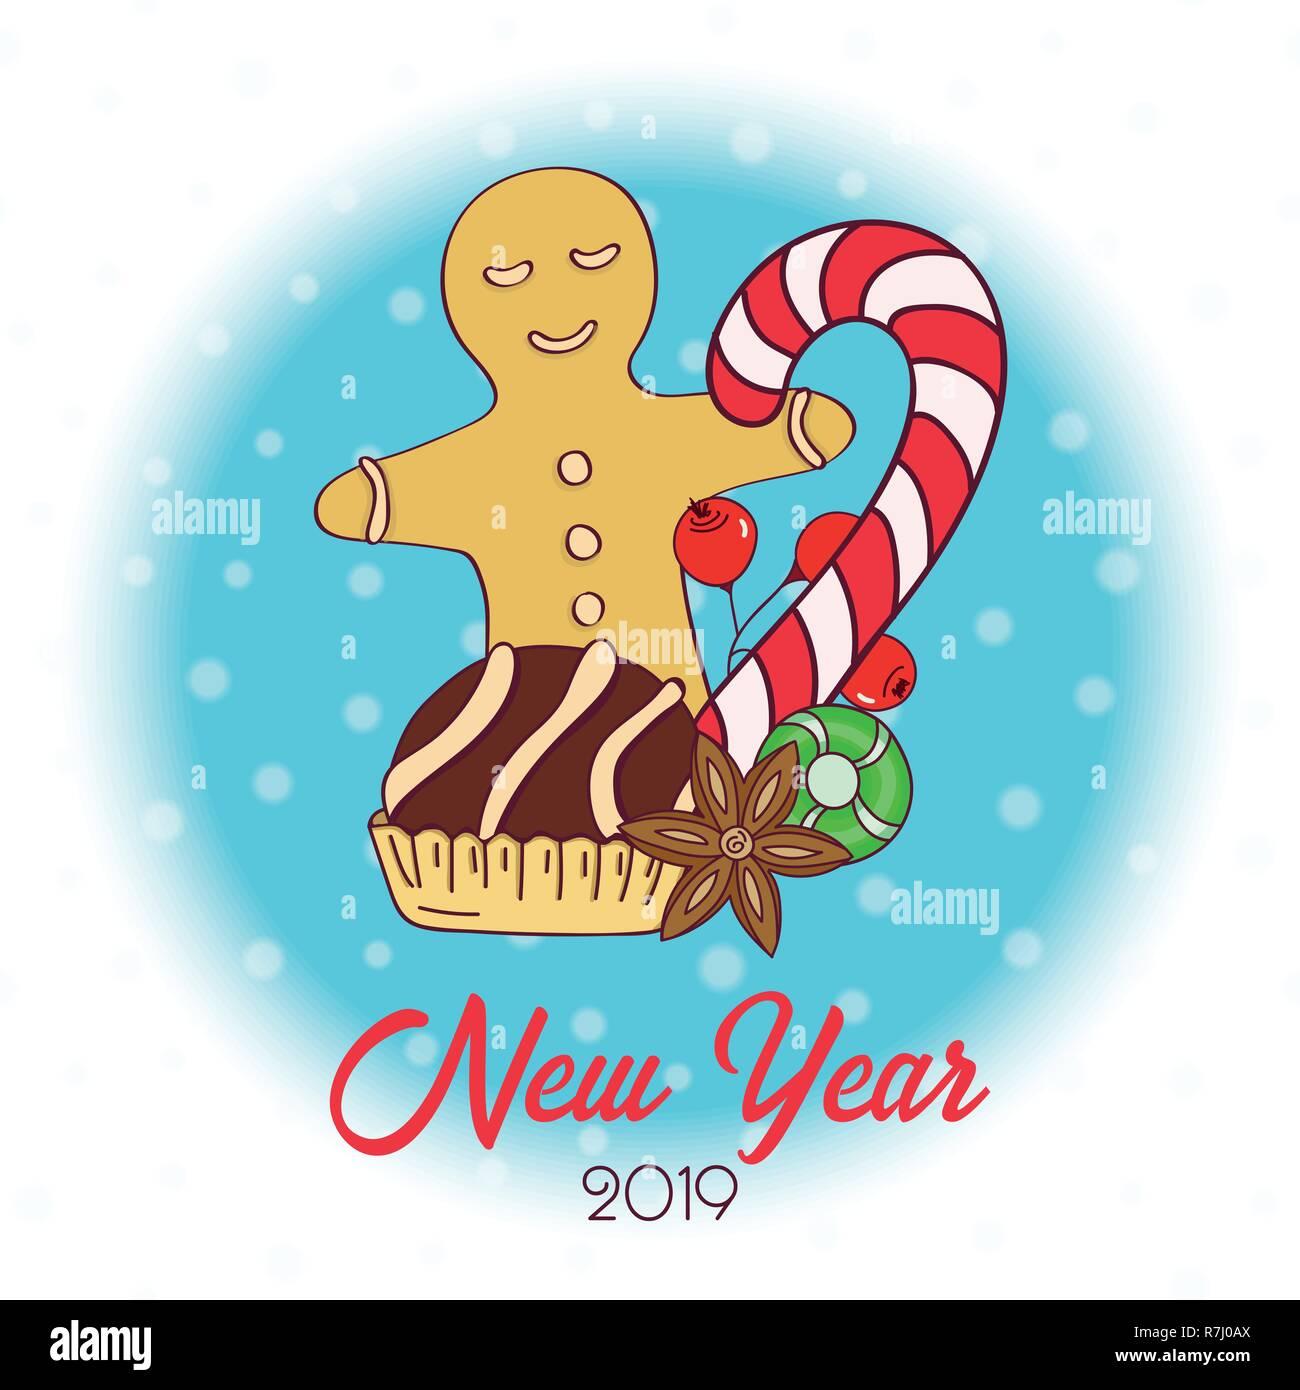 Joyeux Noel Et Nouvel An.Carte De Noel Dessine A La Main Joyeux Noel Et Nouvel An A